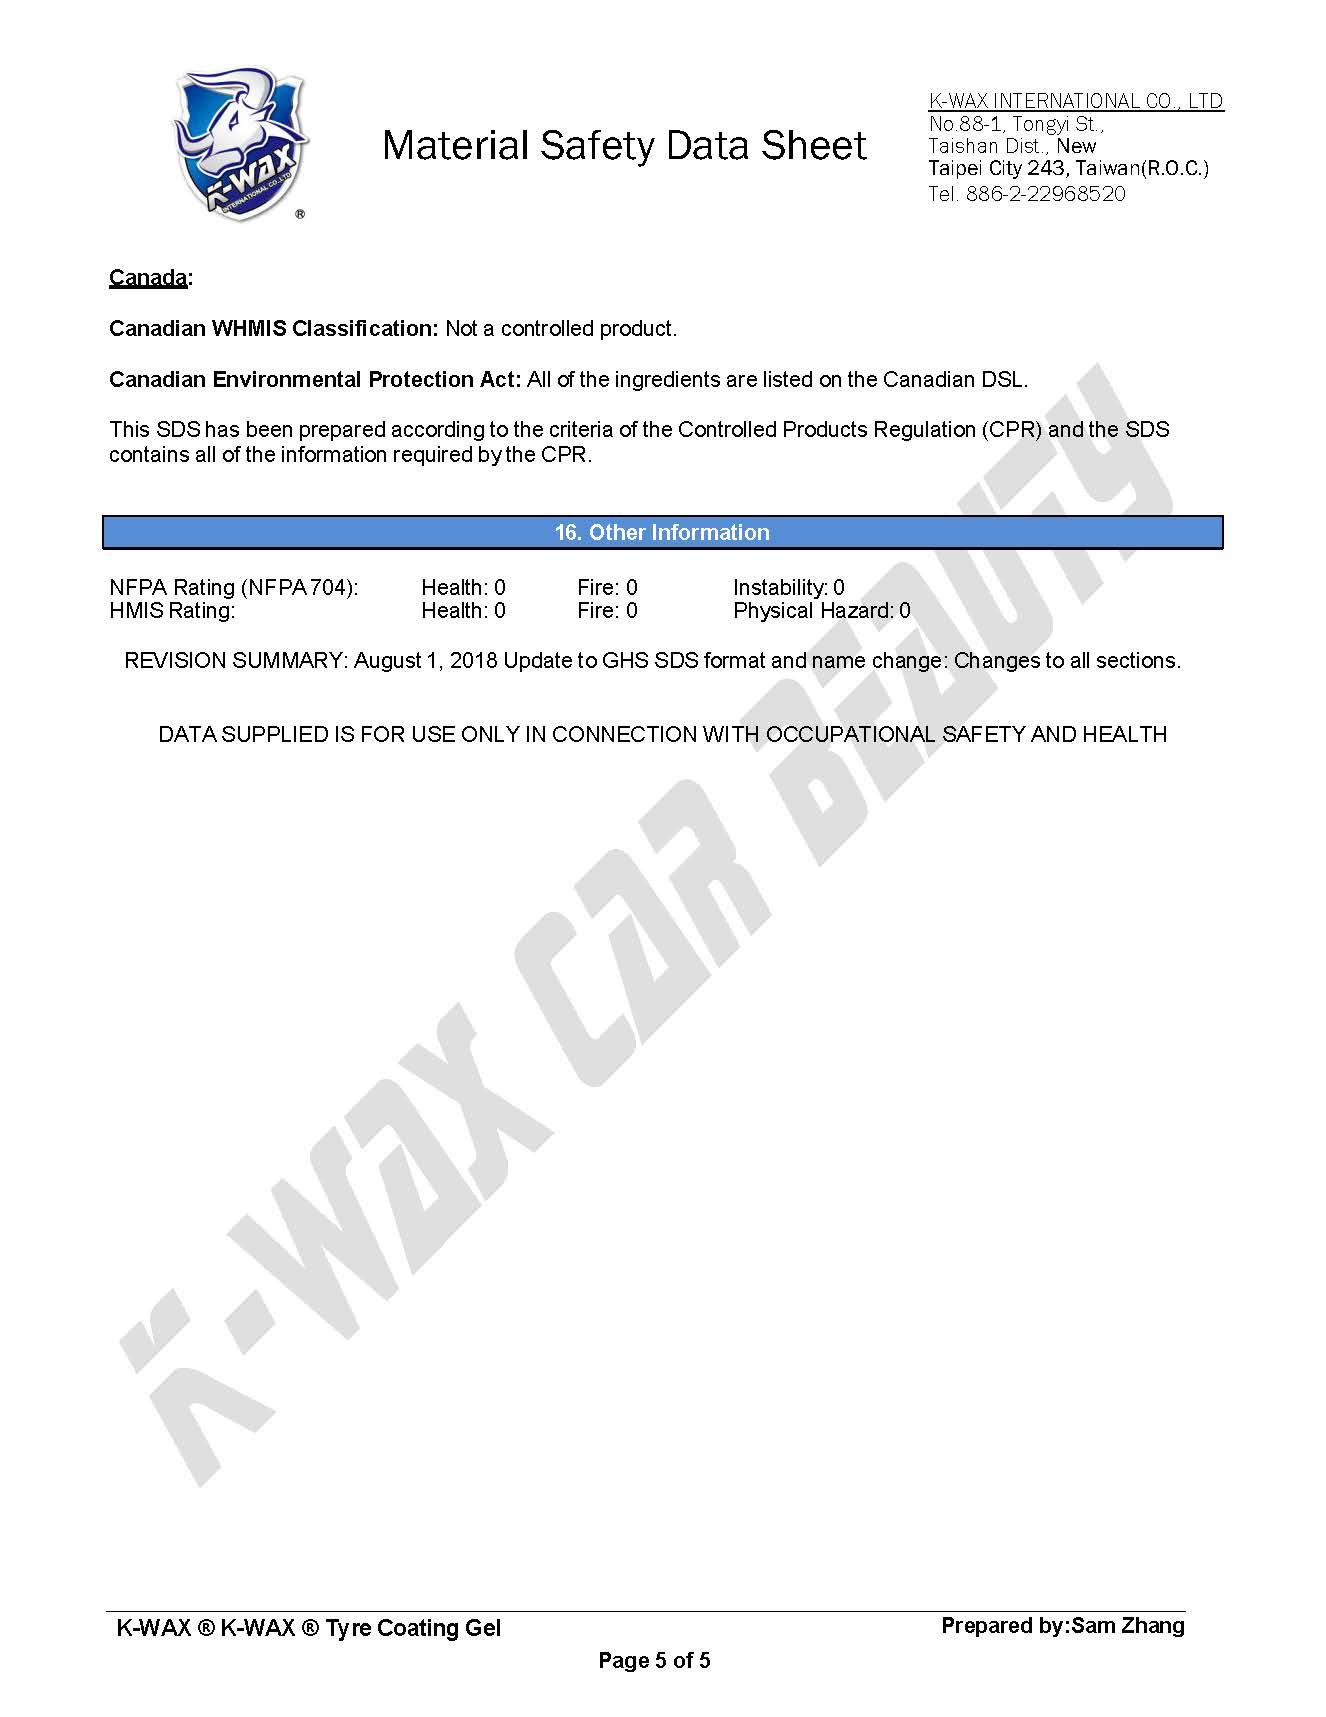 輪胎鍍膜膏 MSDS_页面_5.jpg